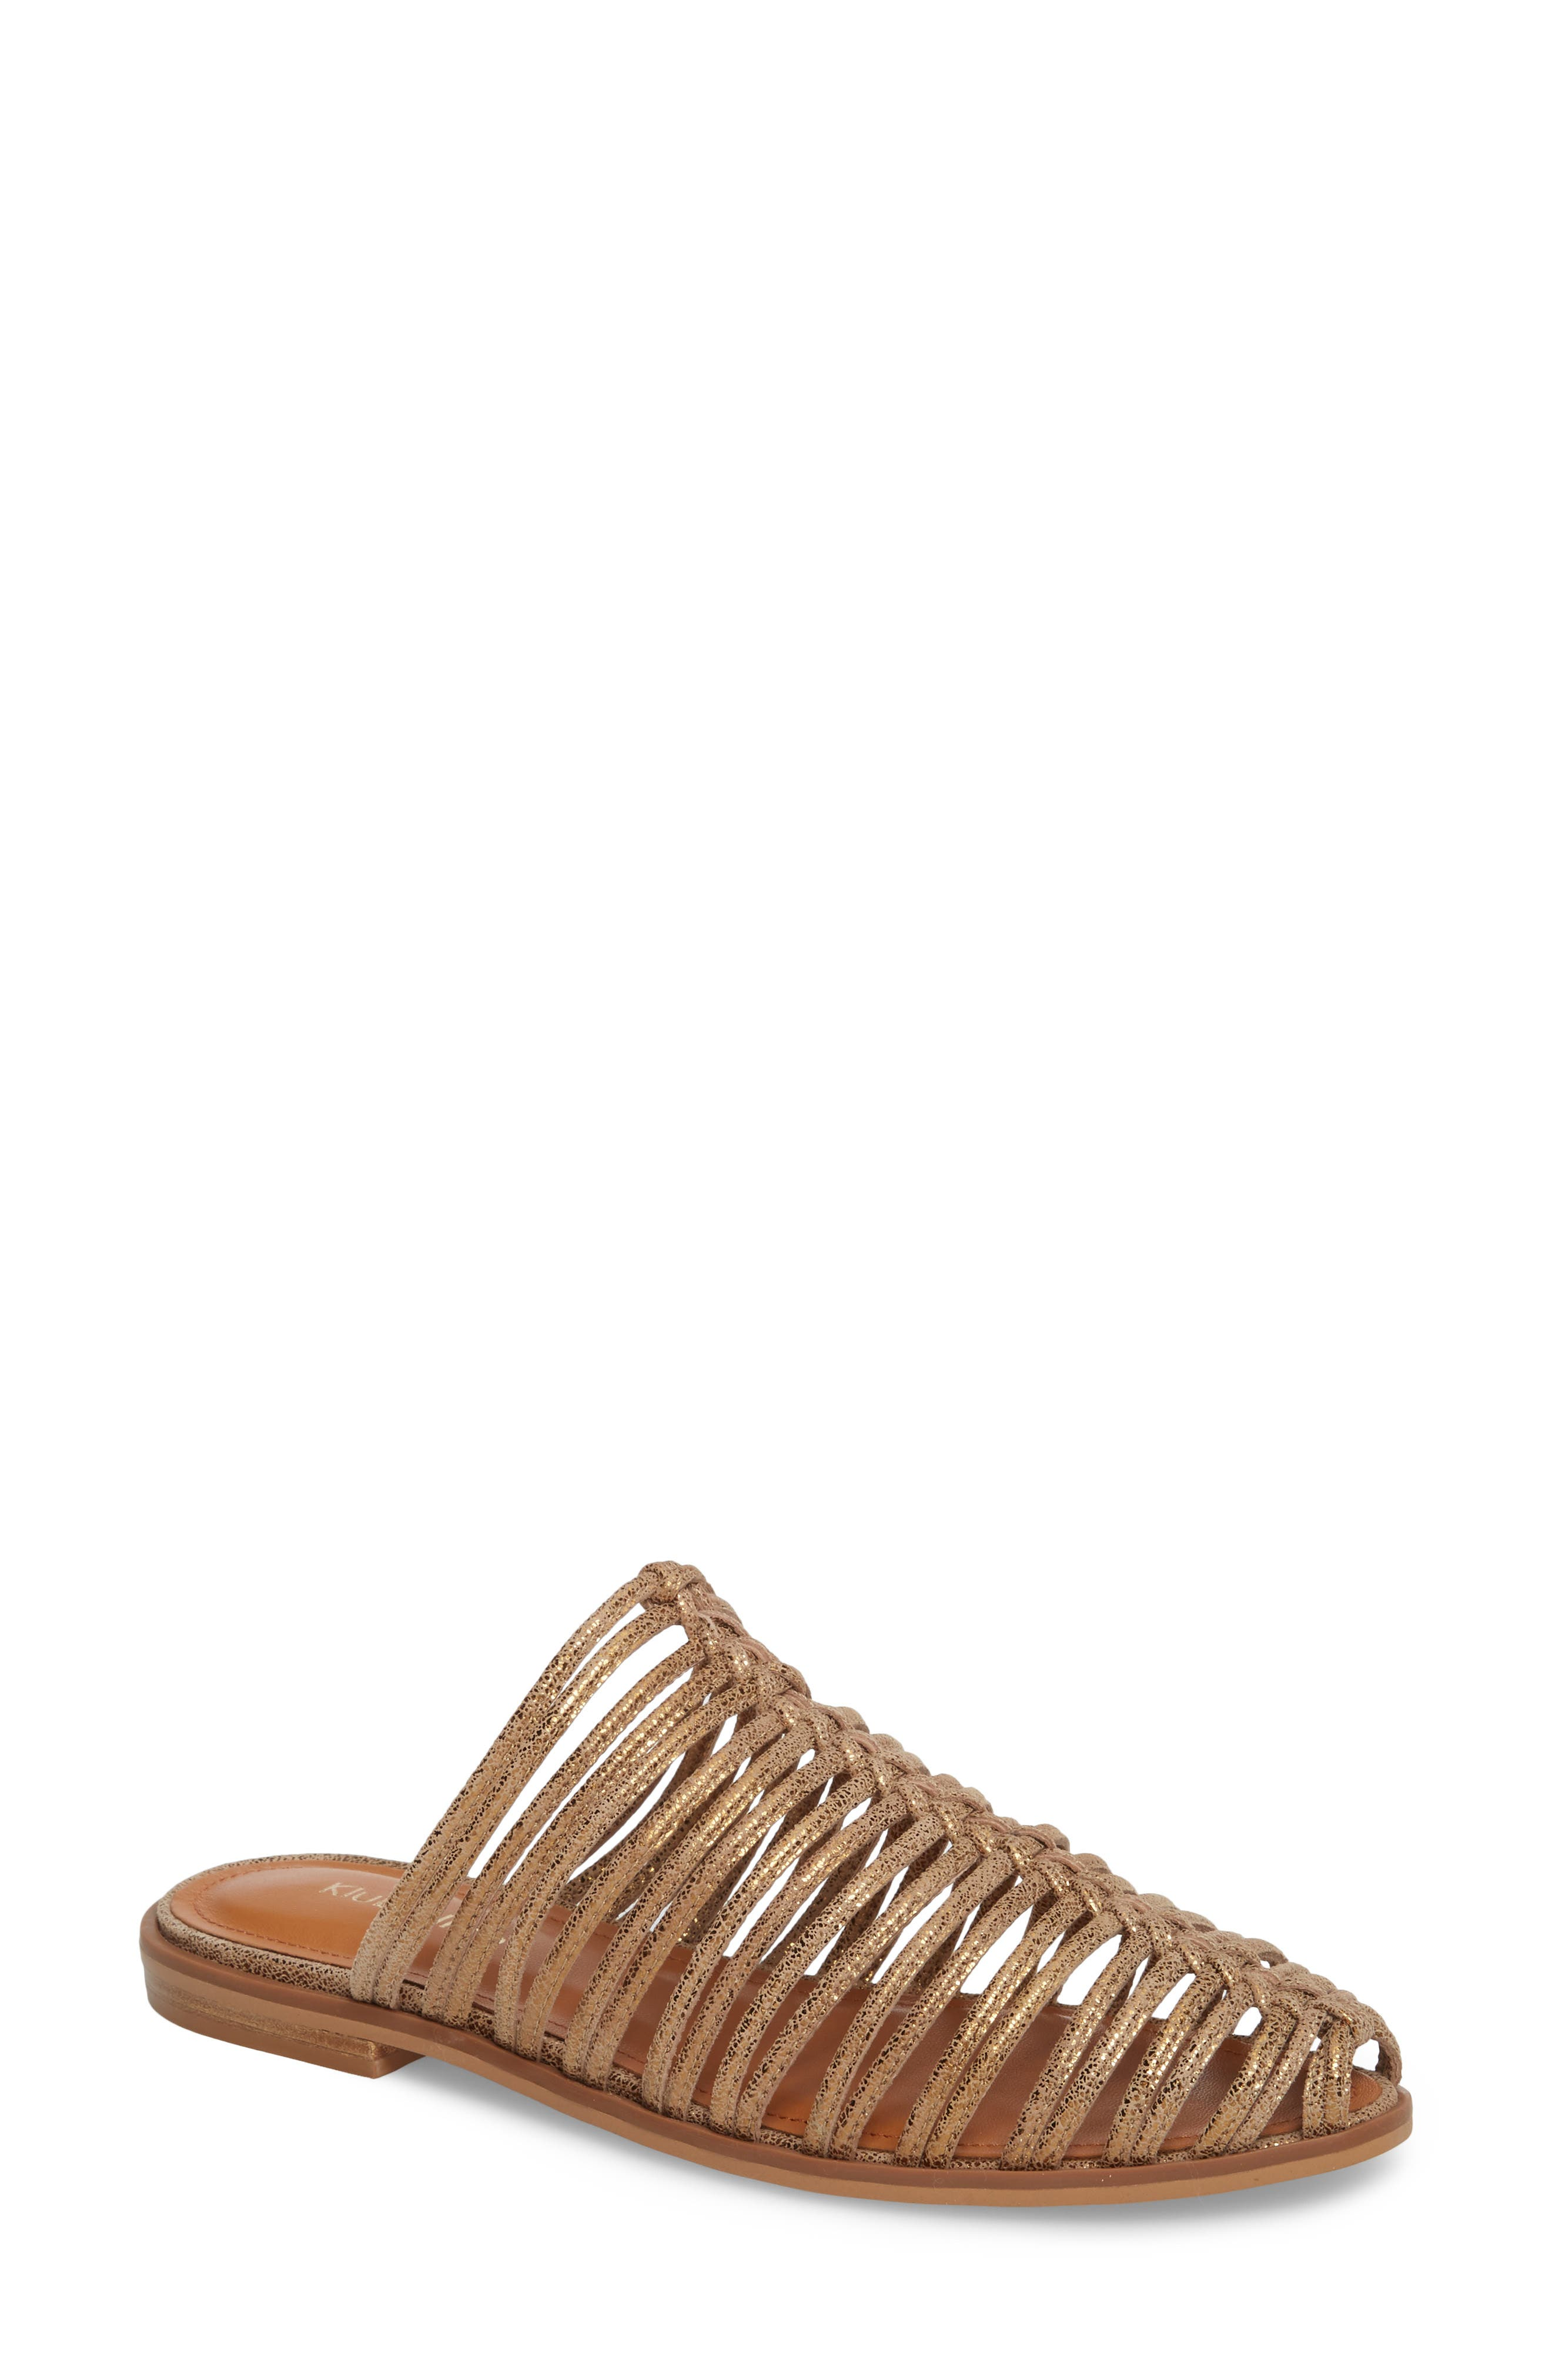 klub nico shoes loafers slideshow 830788